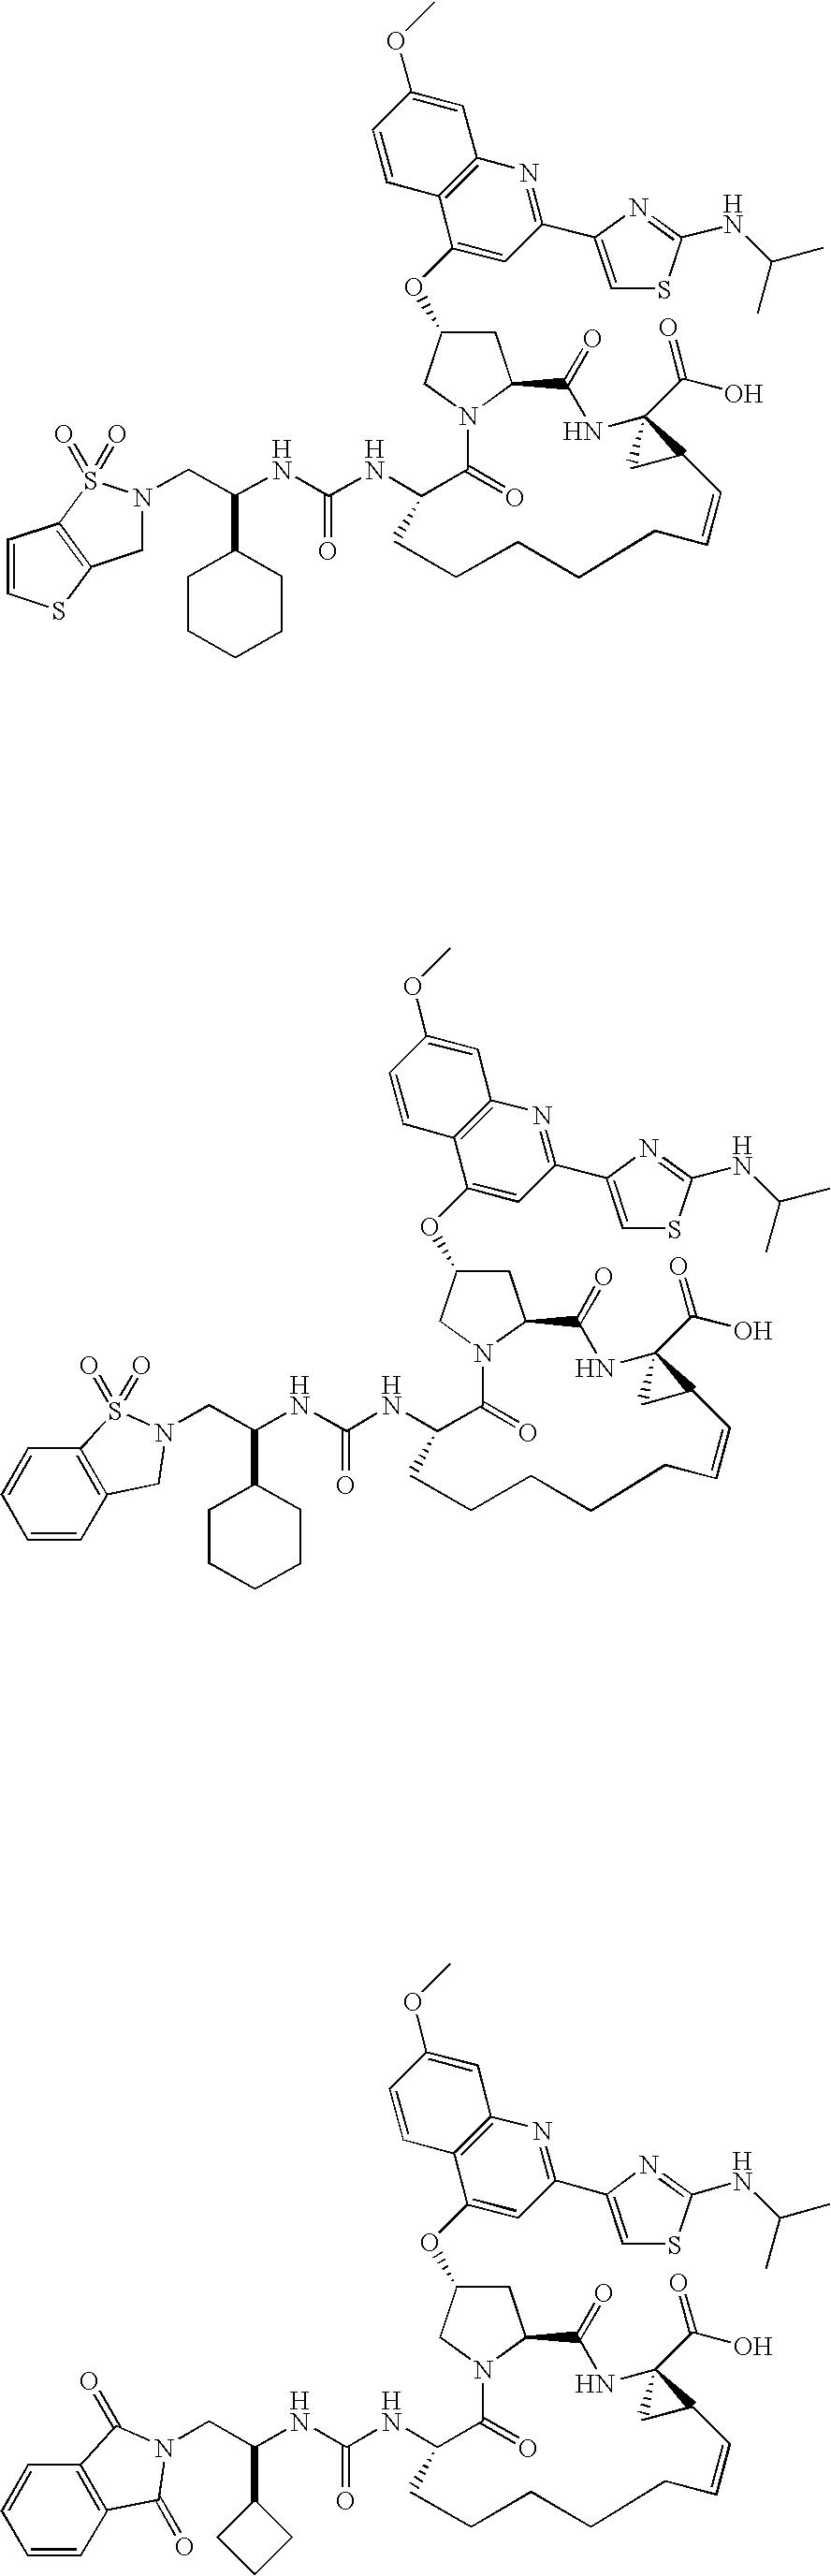 Figure US20060287248A1-20061221-C00172